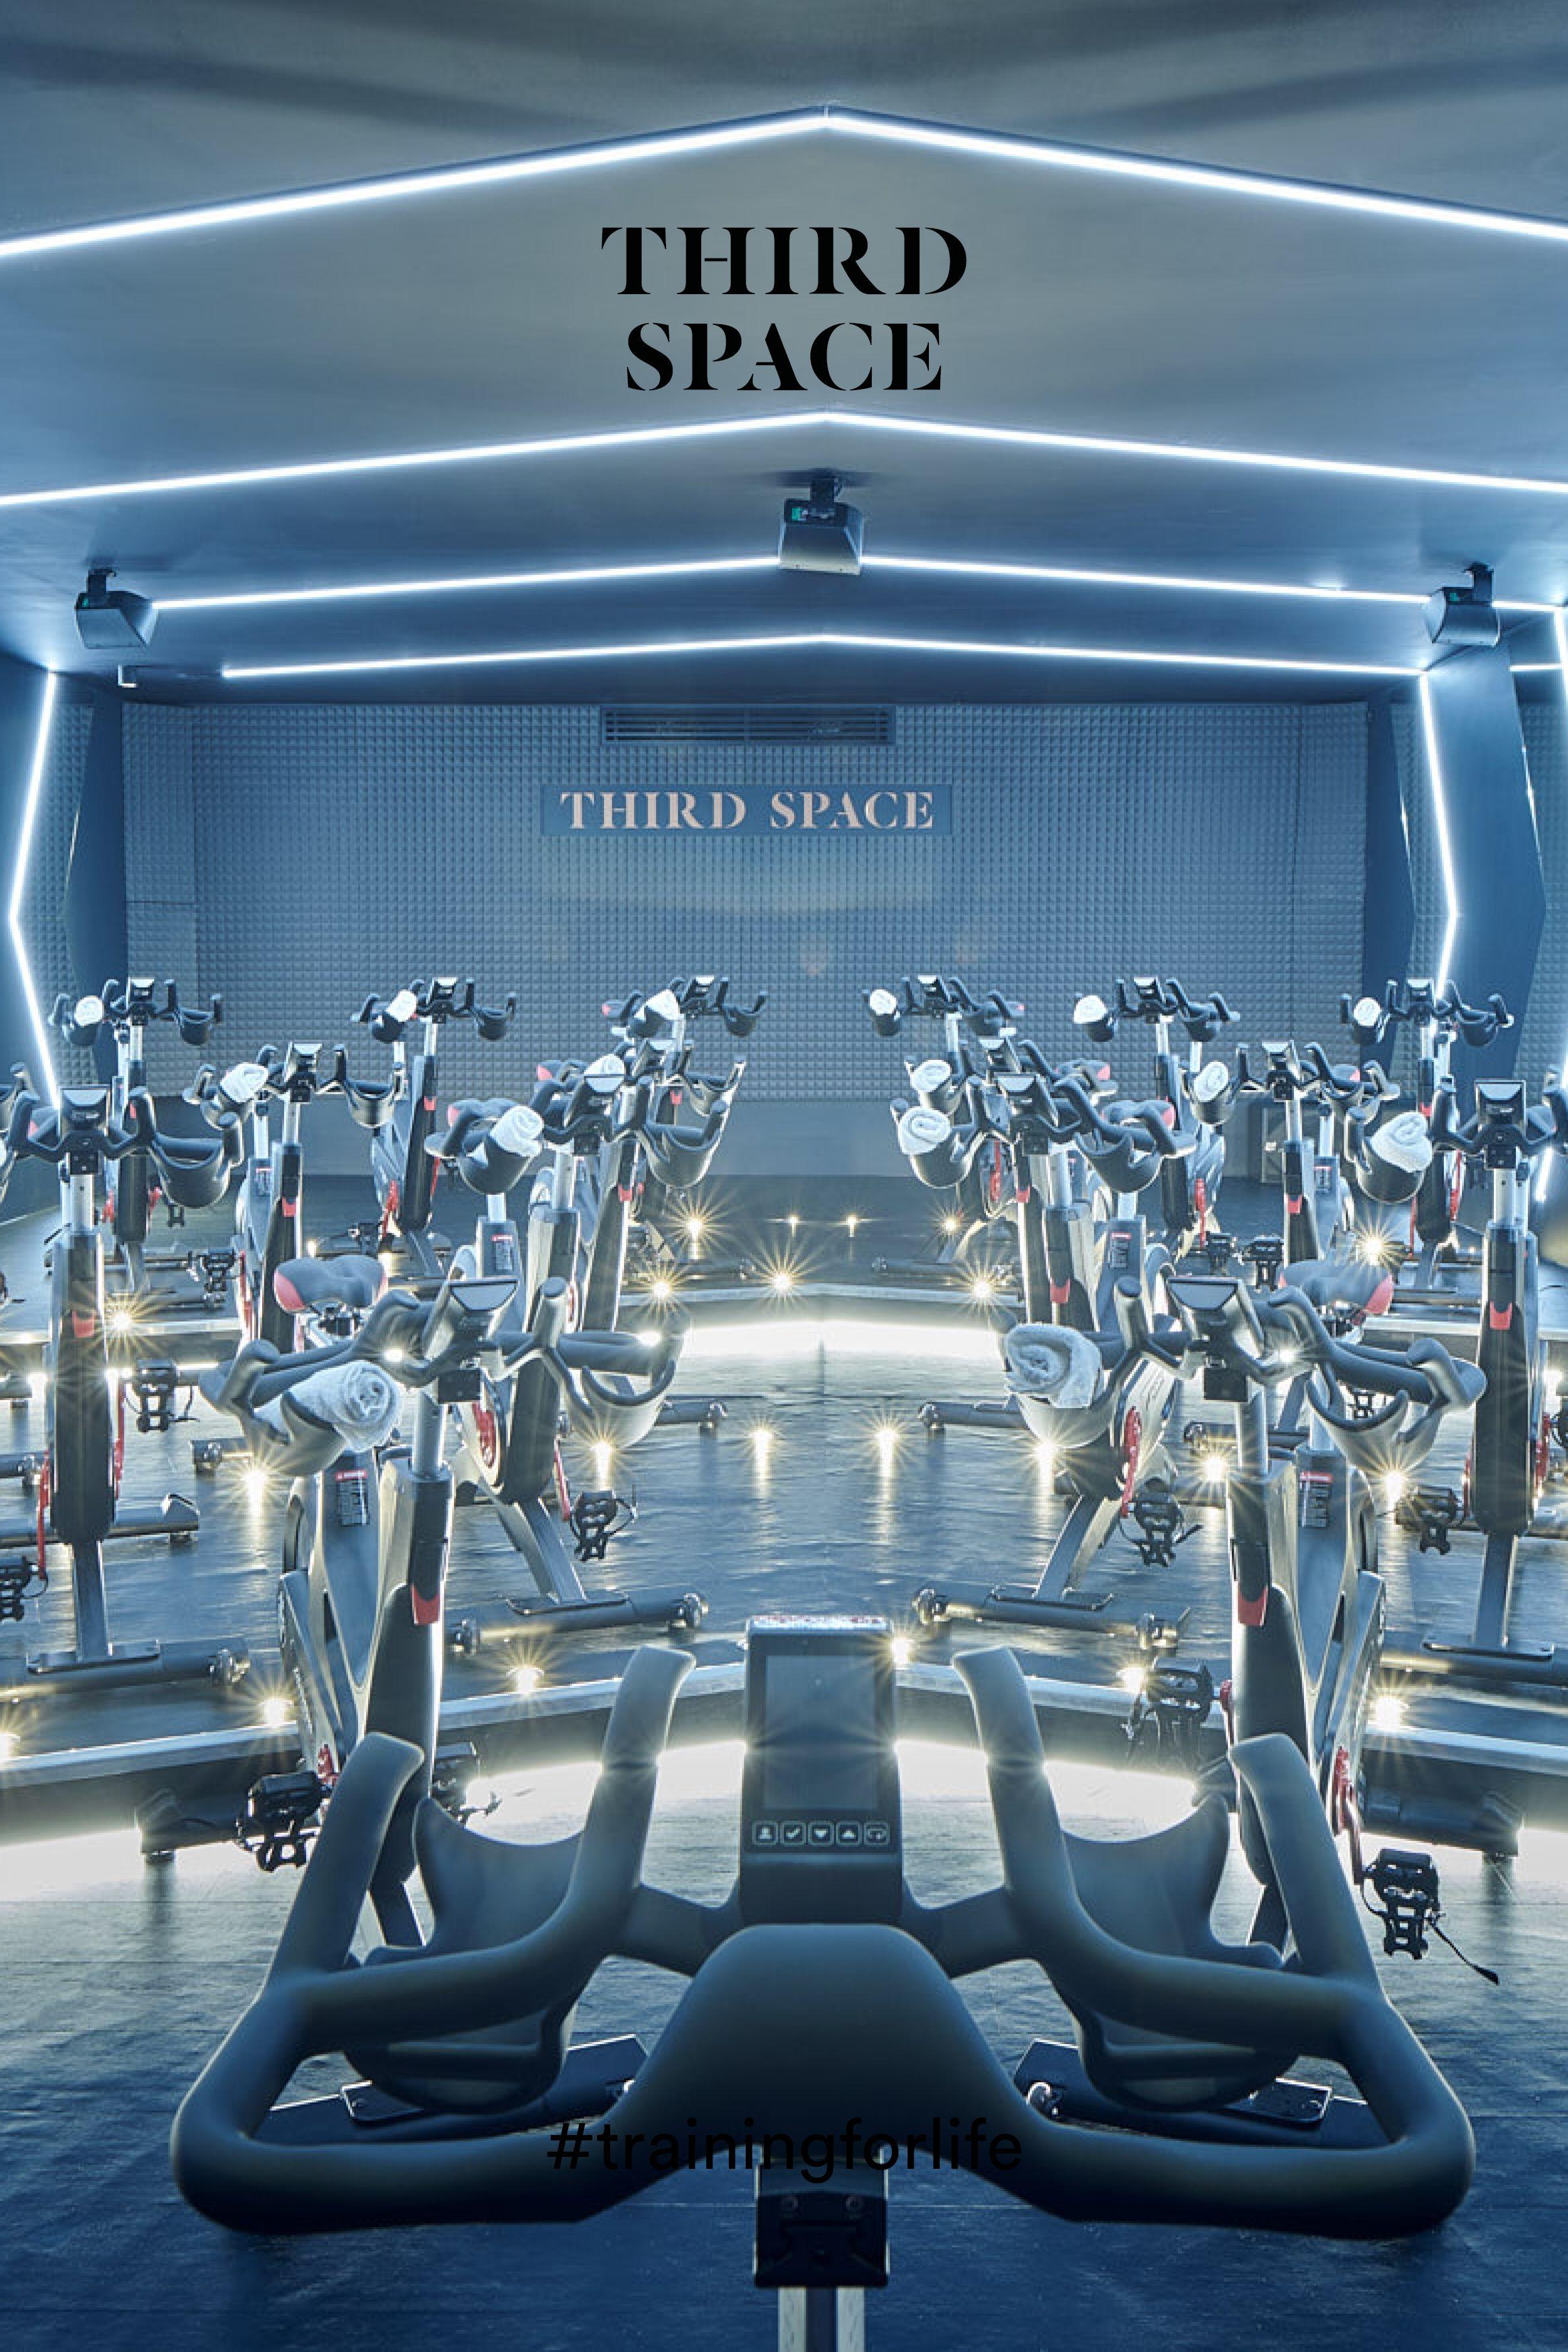 Best Gyms In The World The Third Space Gym Design Best Gym Gym Design Interior